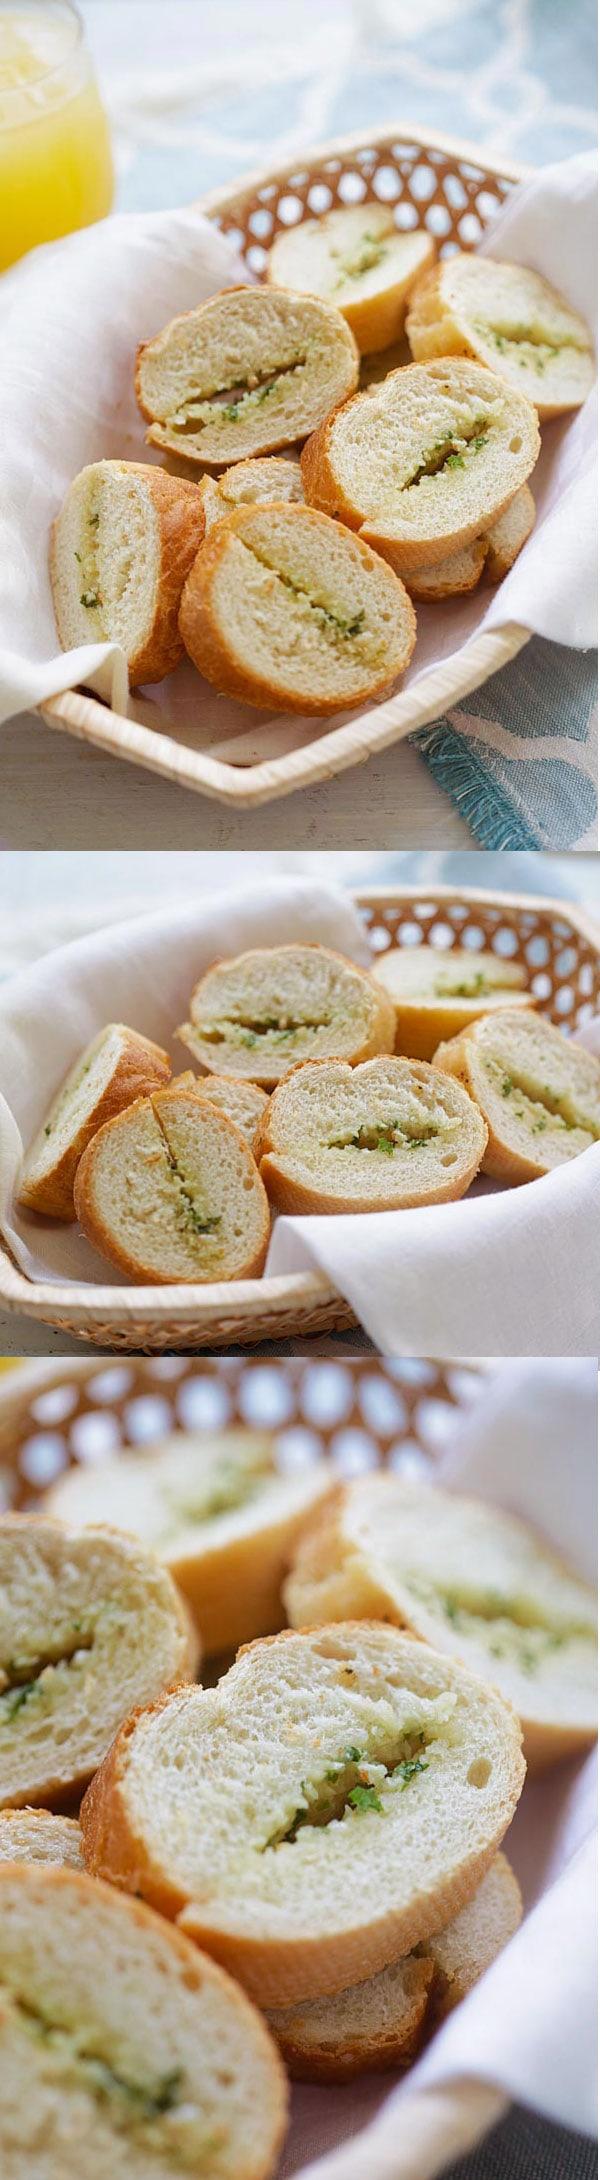 Garlic Bread | Easy Delicious Recipes